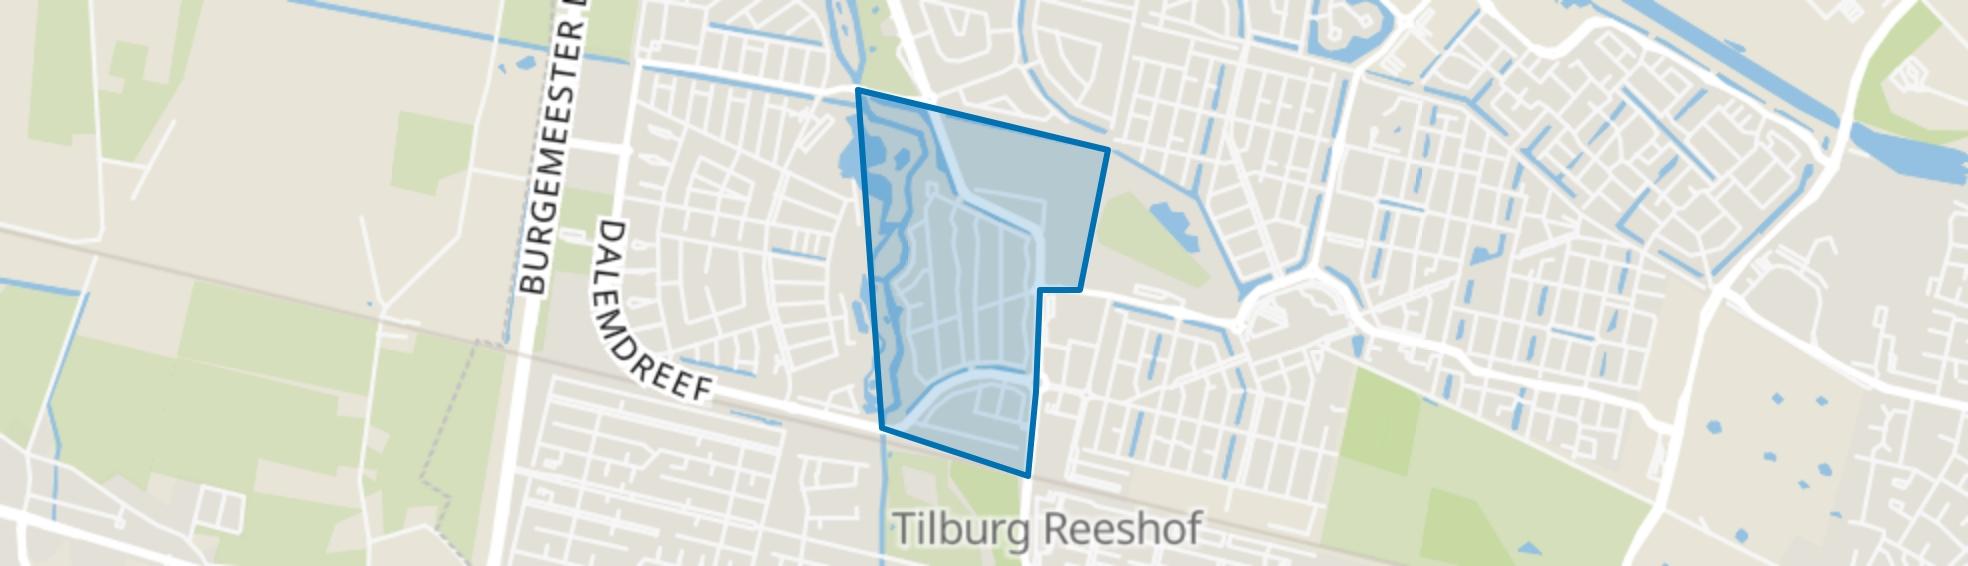 Dongewijk, Tilburg map